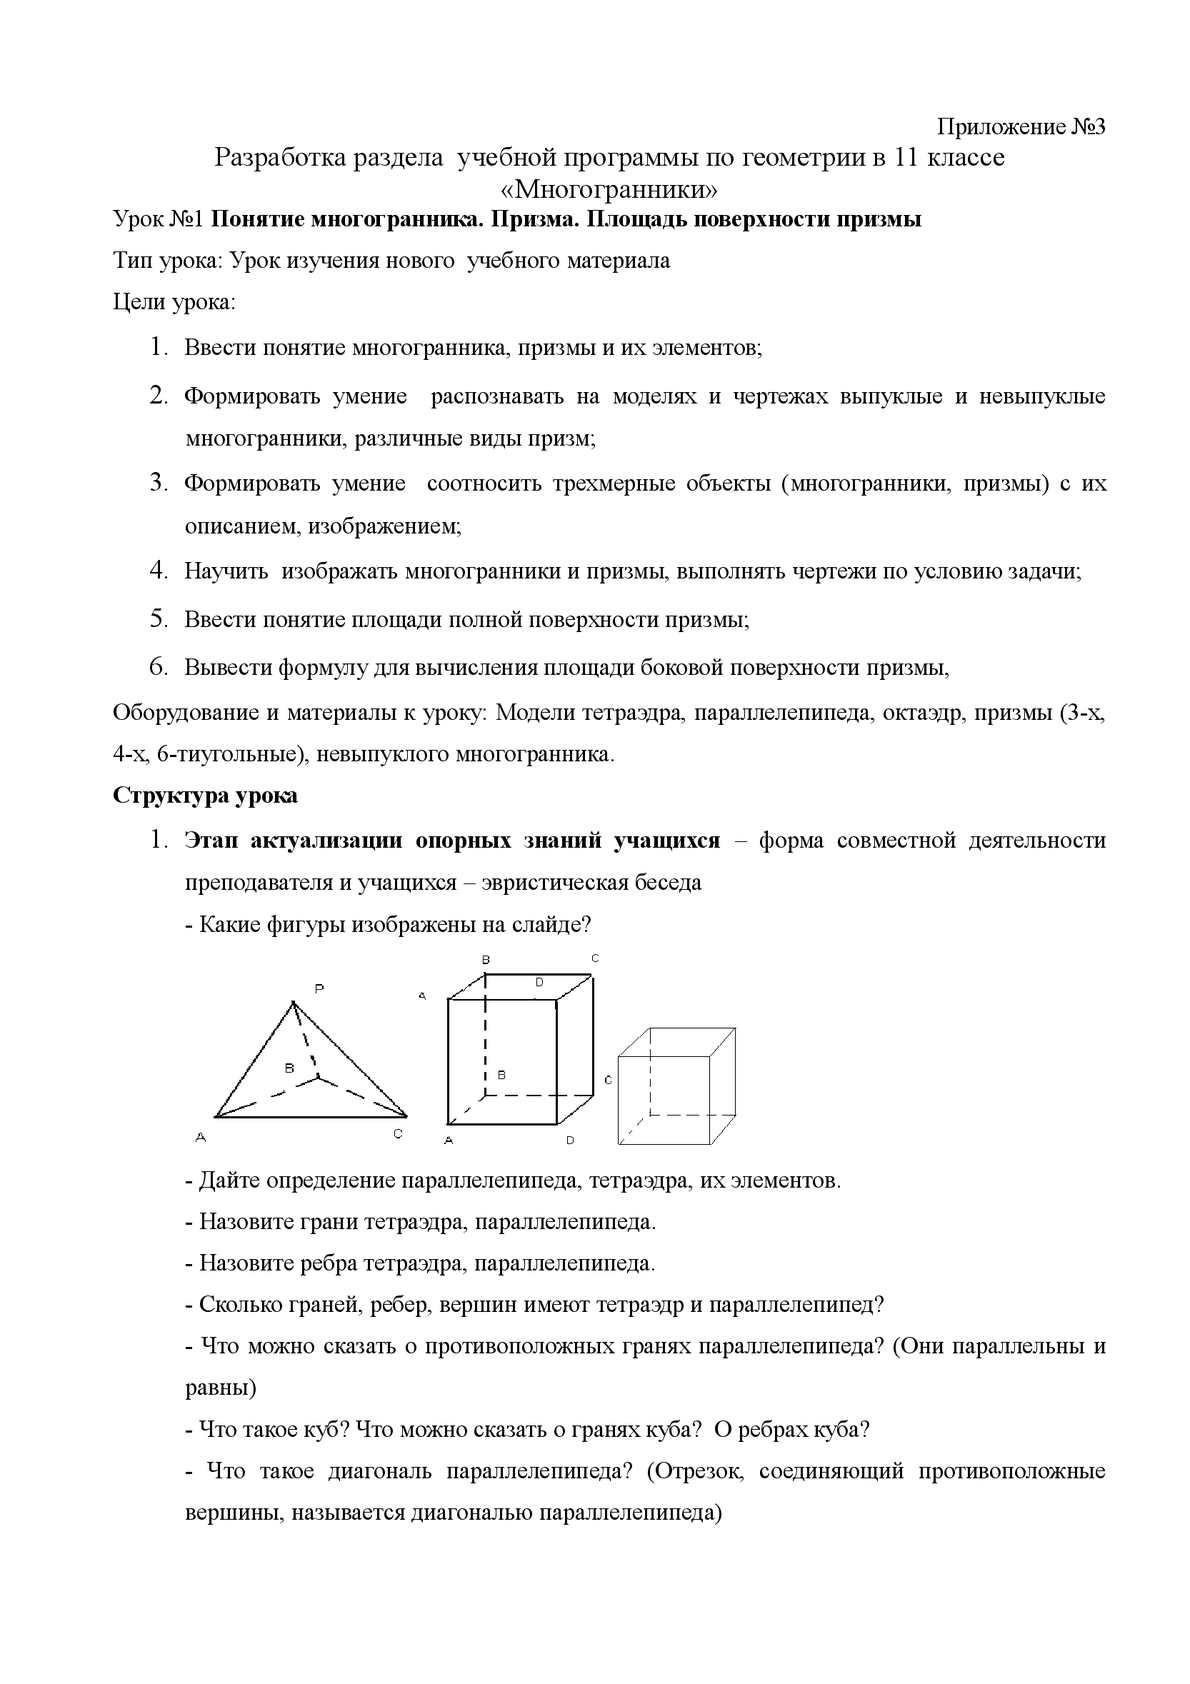 Разработка раздела учебной программы по геометрии